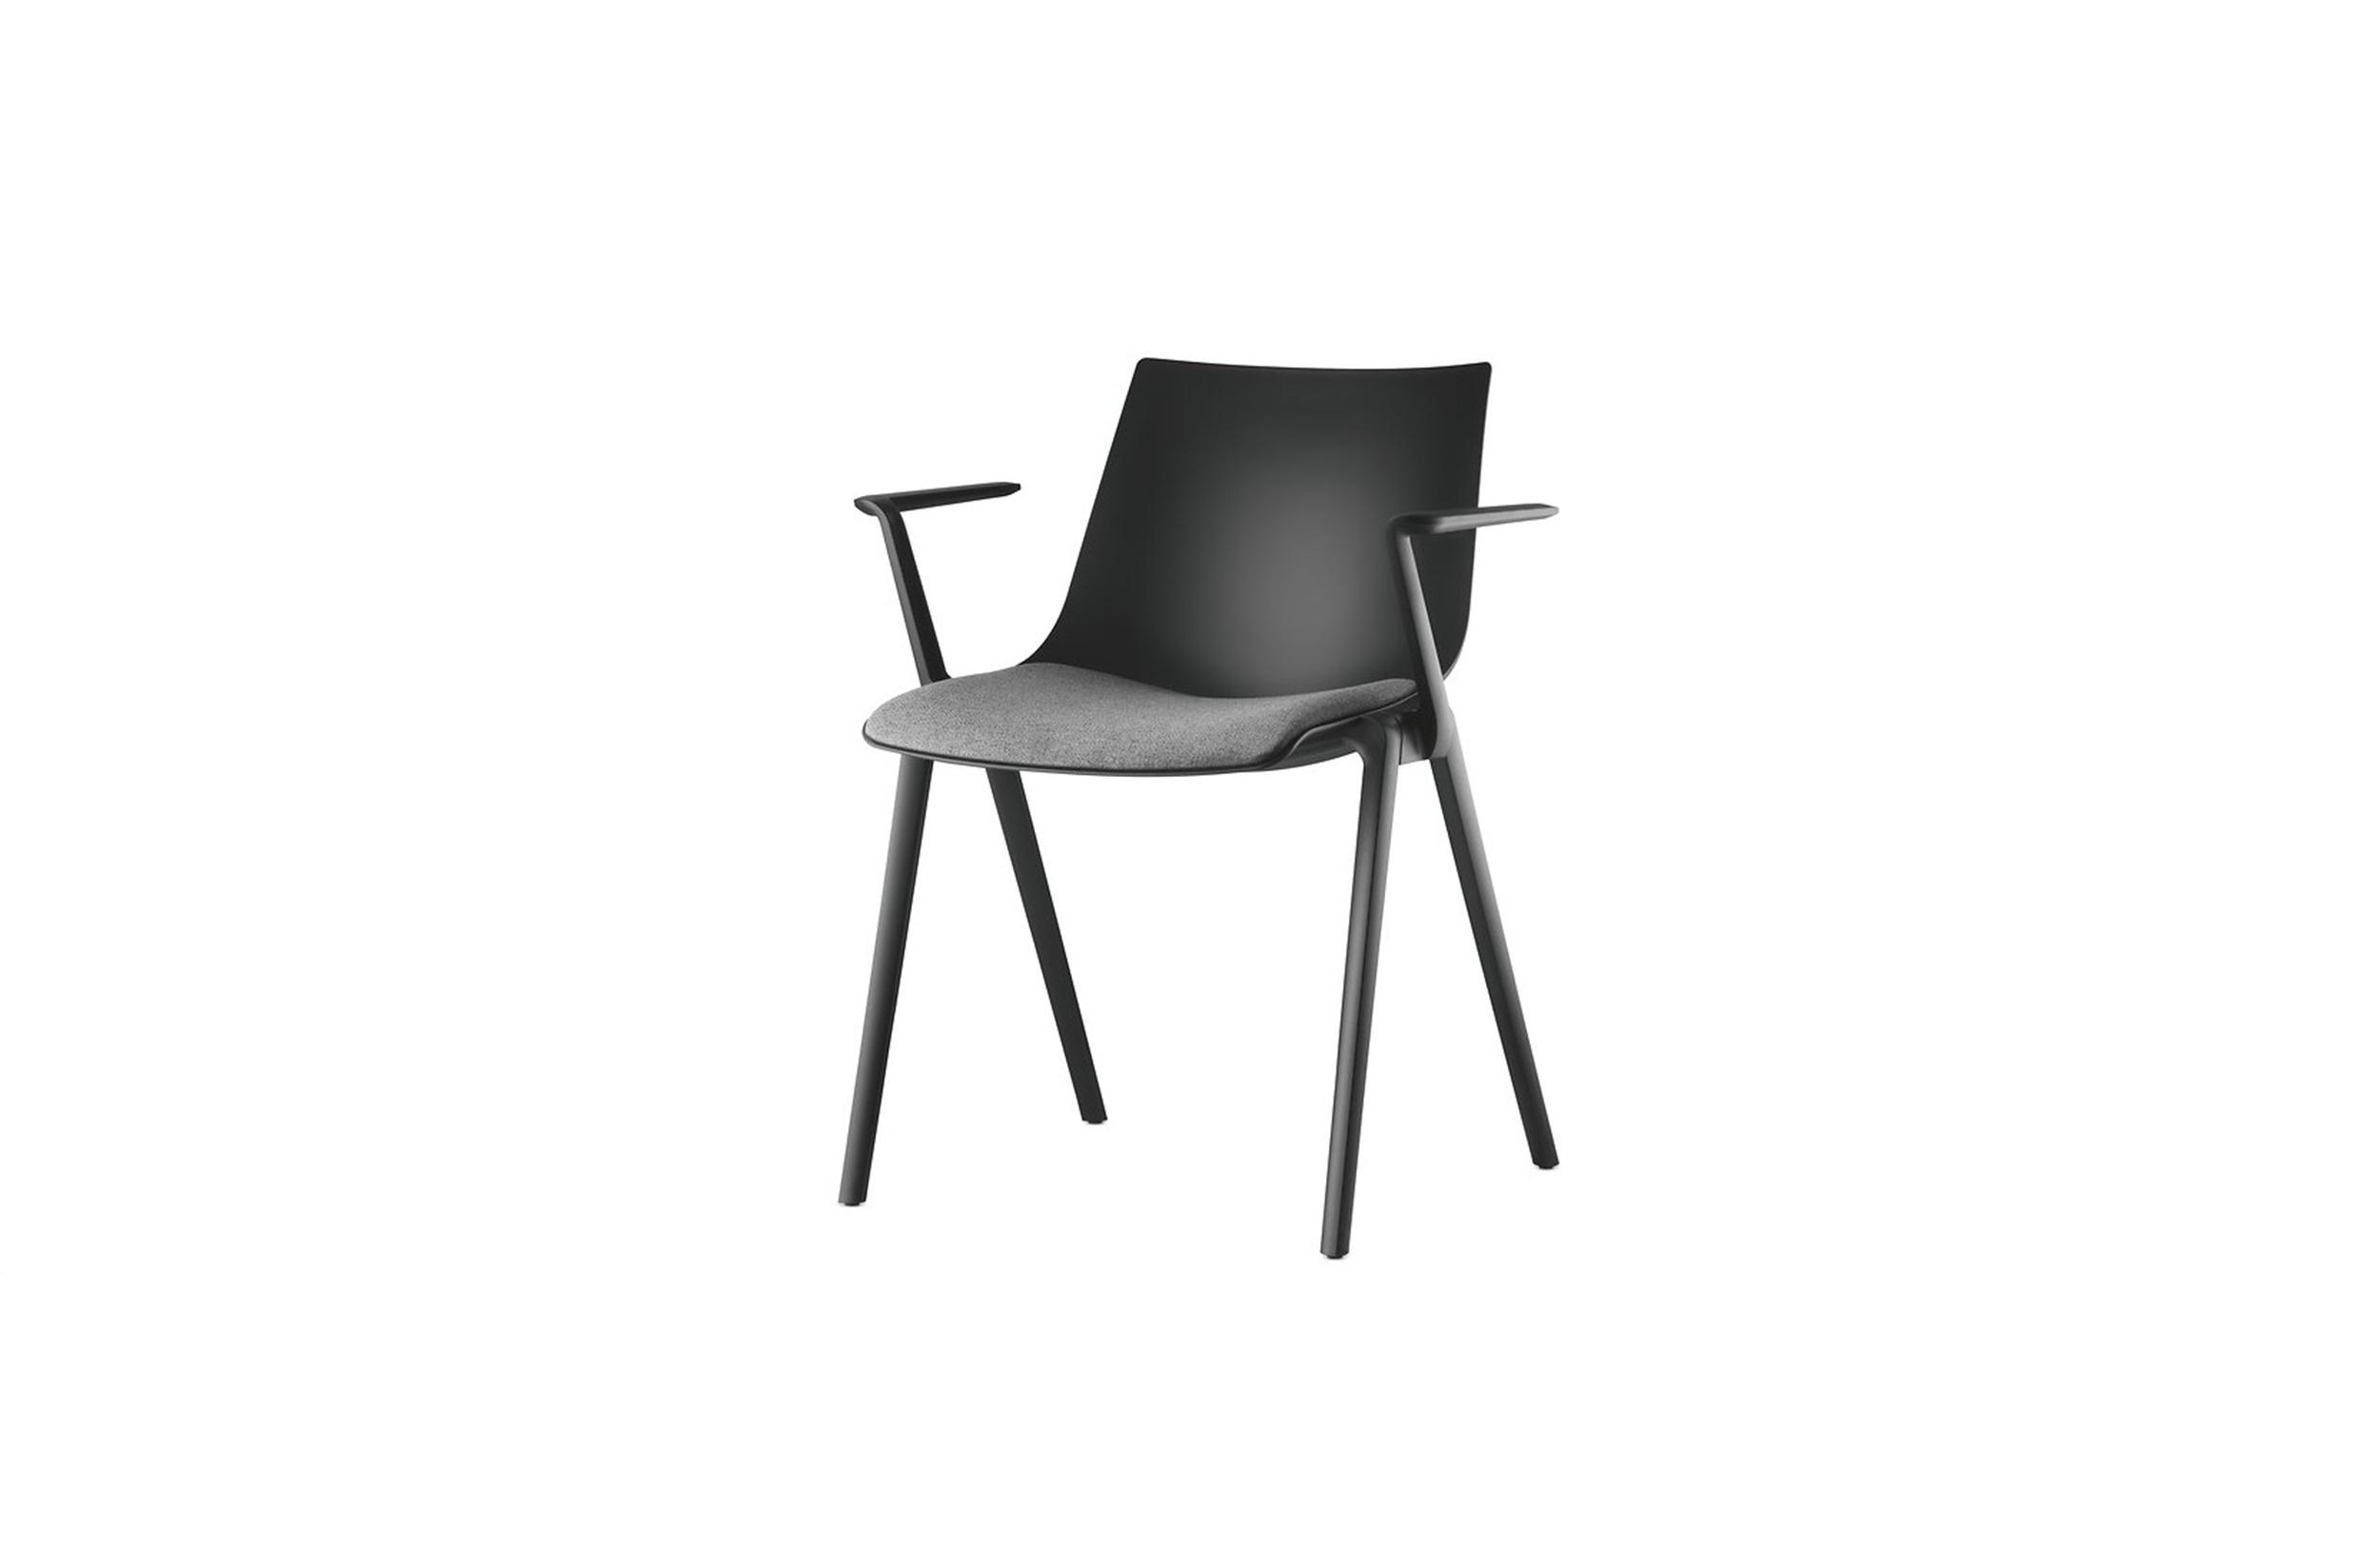 办公椅 会议椅 创意家具 现代家居 时尚家具 设计师家具 定制家具 实木家具 礼堂椅